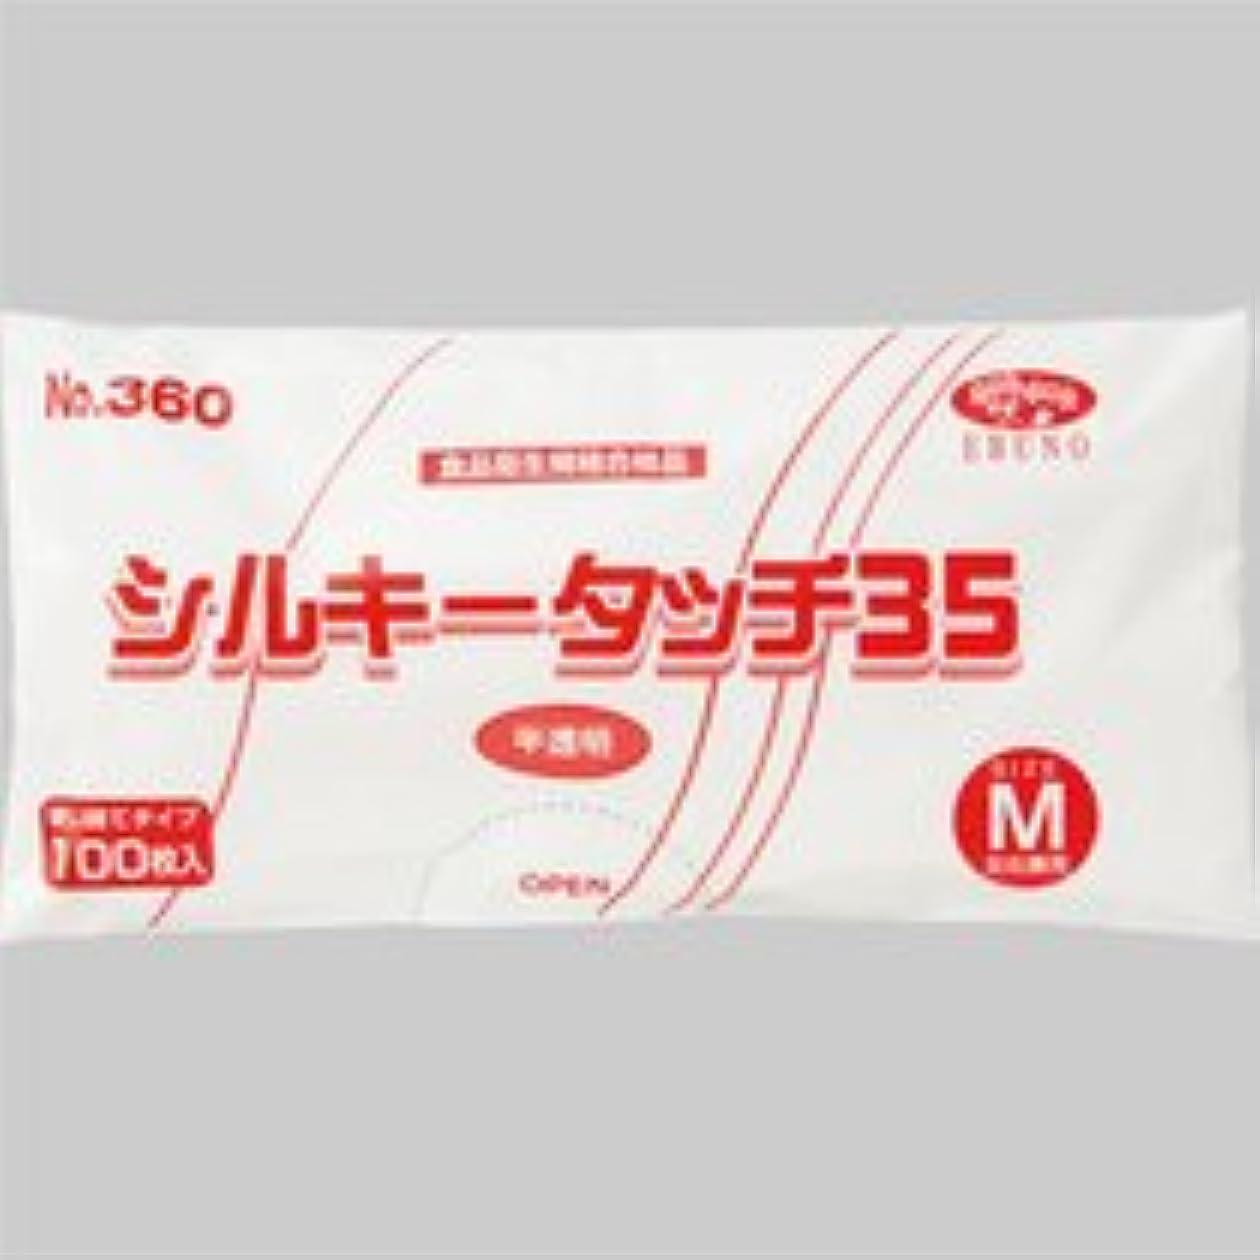 森いくつかのバスルームエブノ ポリエチレン手袋 シルキータッチ35 半透明 M NO-360 1セット(1000枚:100枚×10パック)